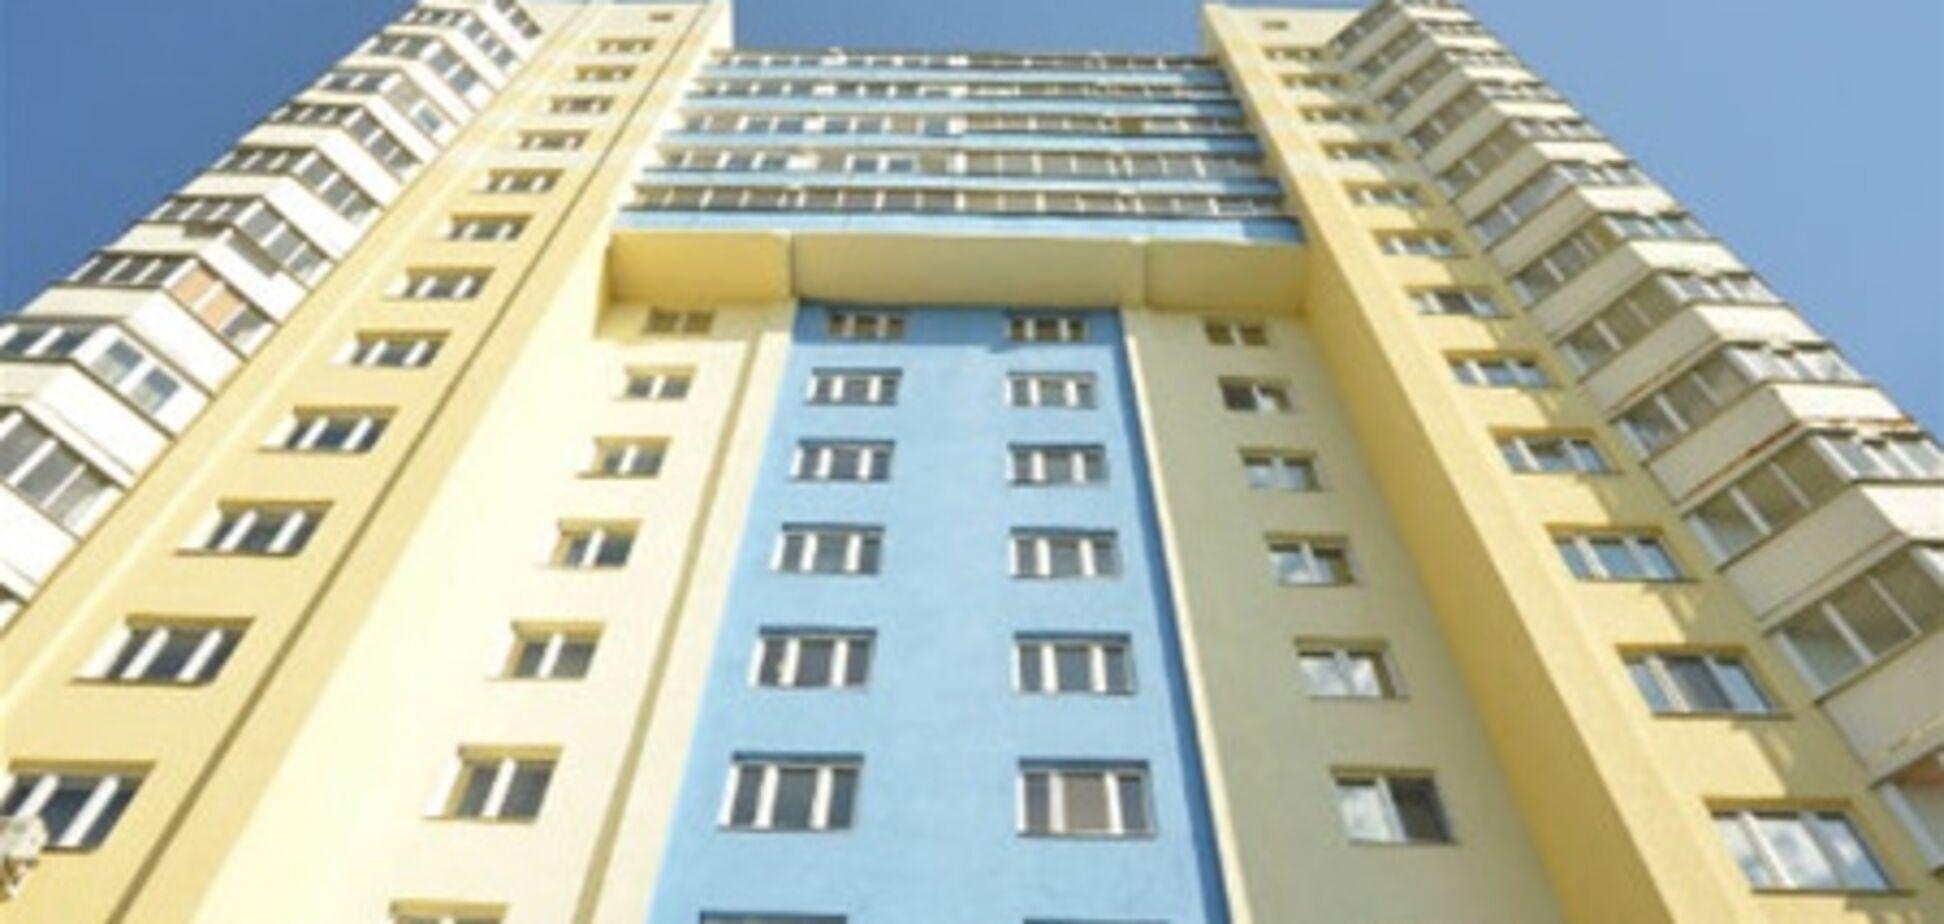 За неделю цены на продажи квартир в Украине выросли